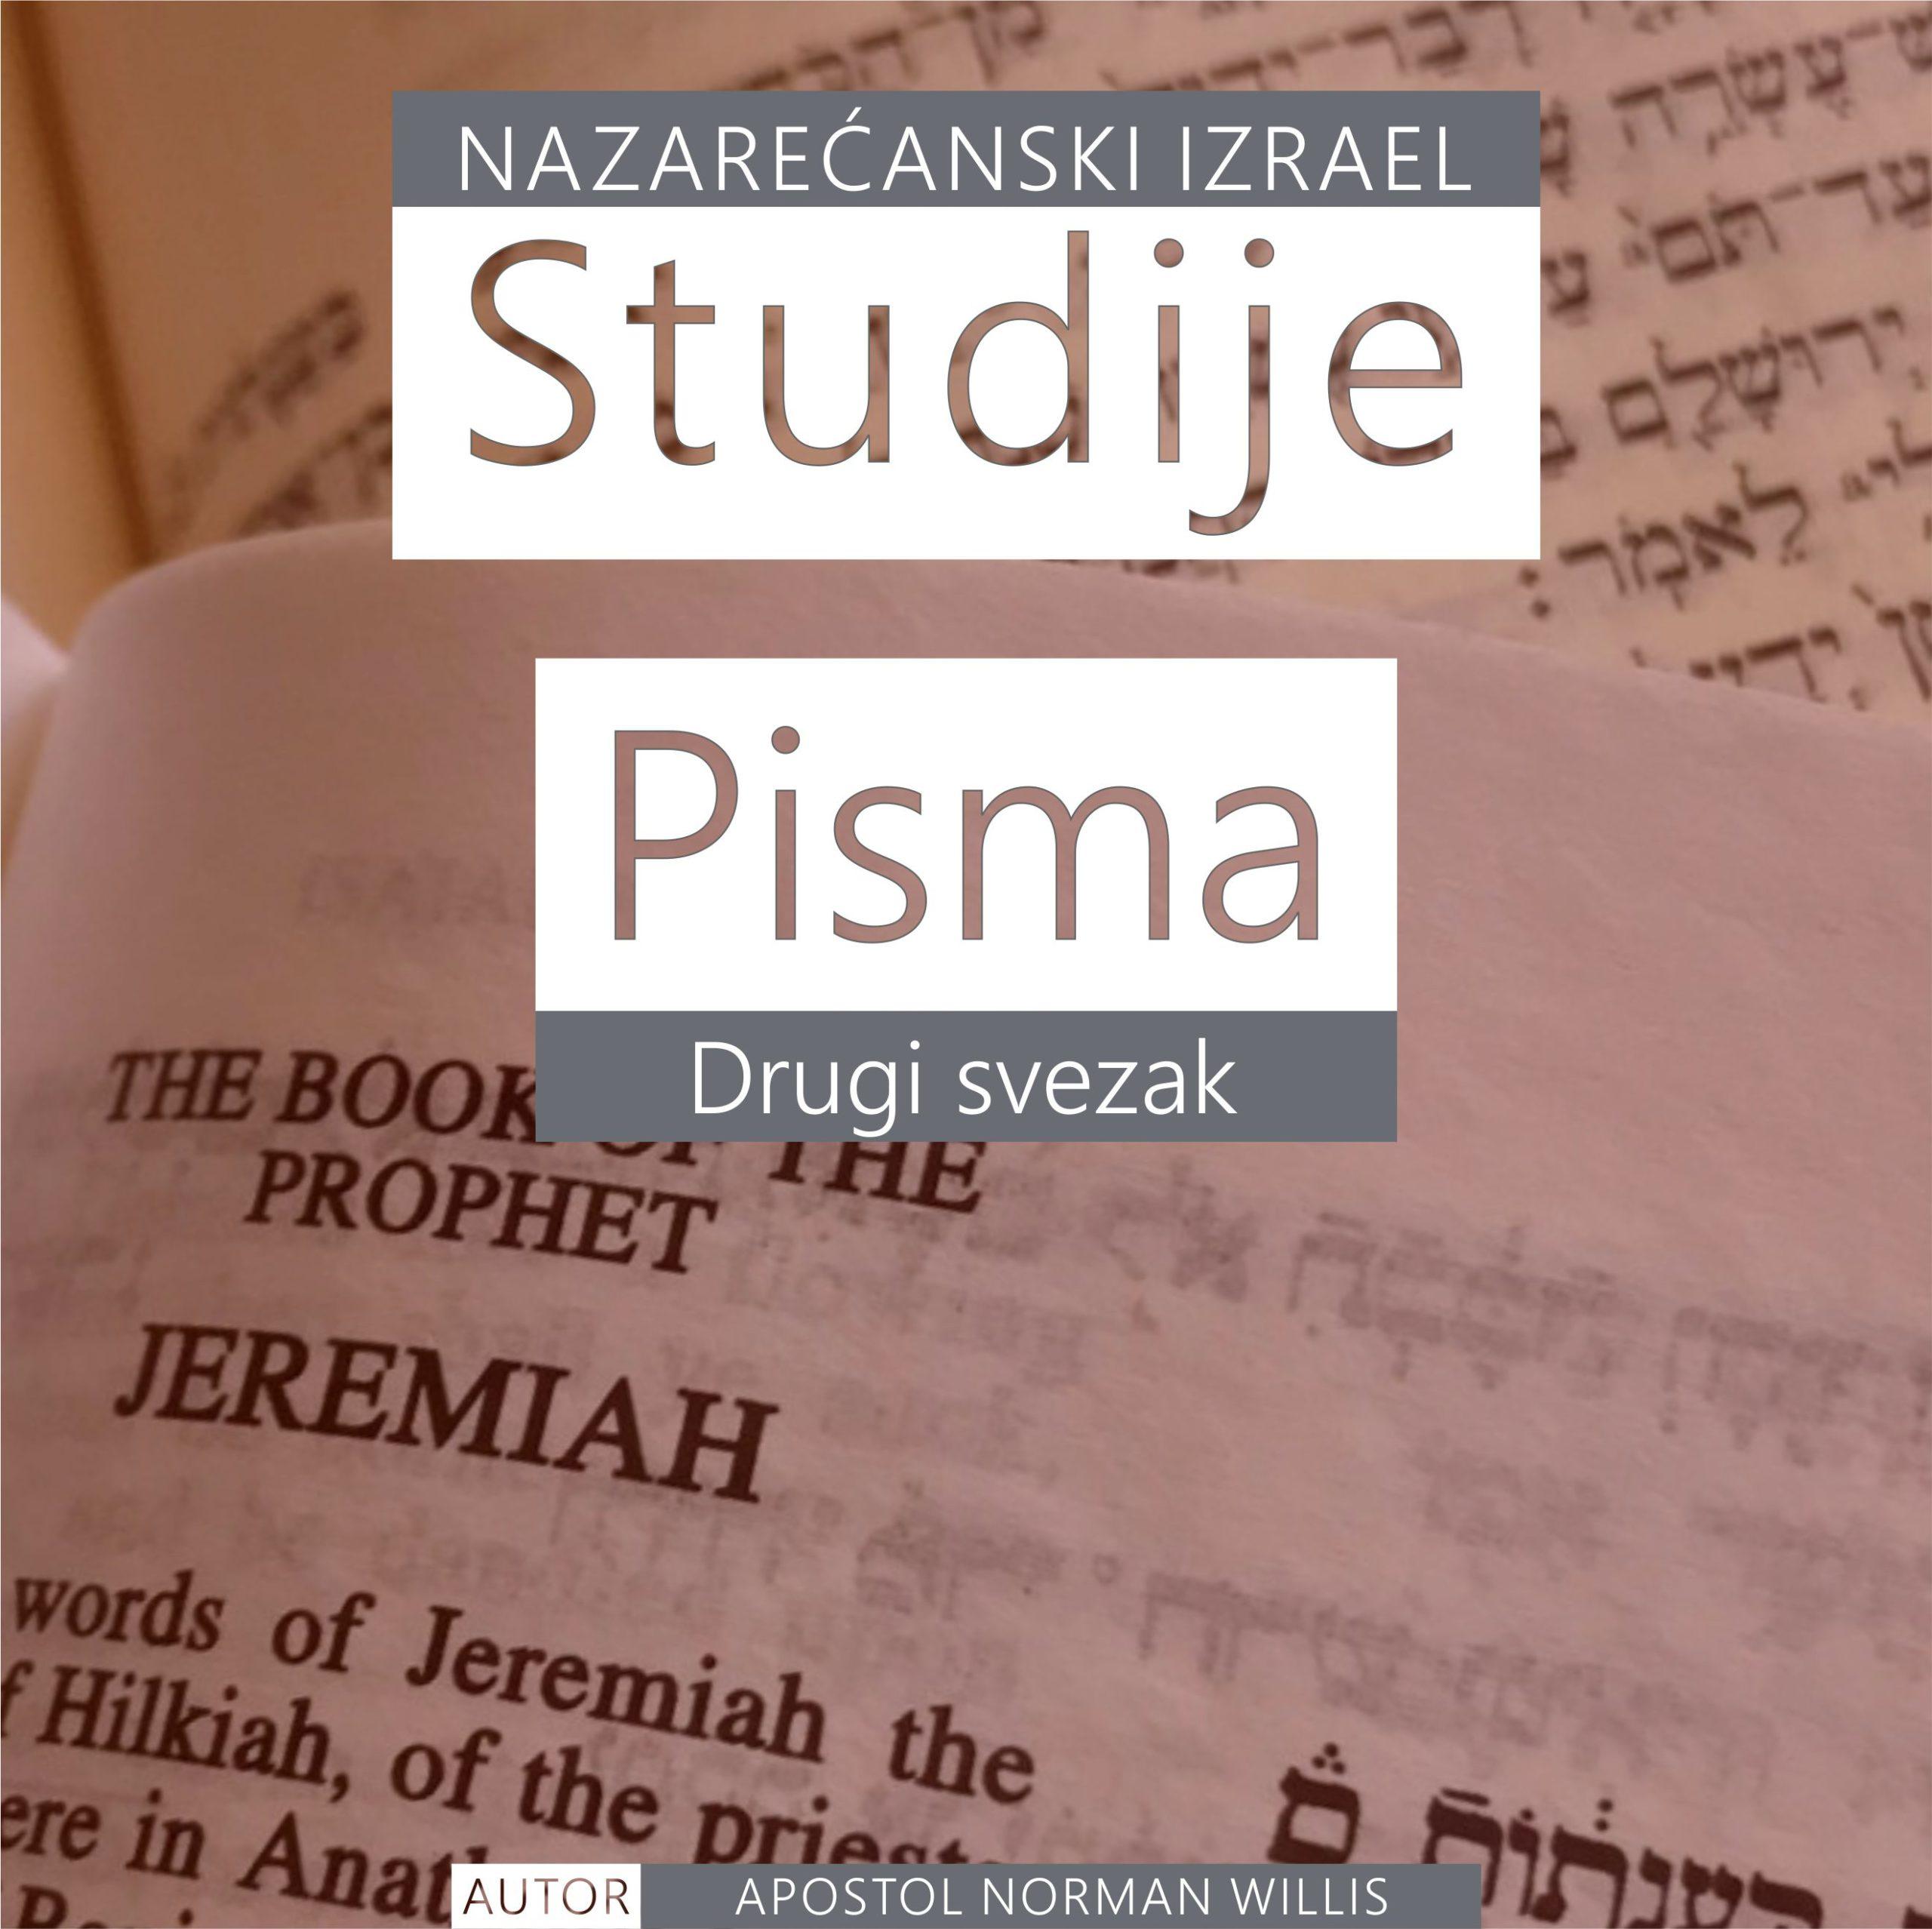 Nazarećanske Studije Pisma: Drugi svezak